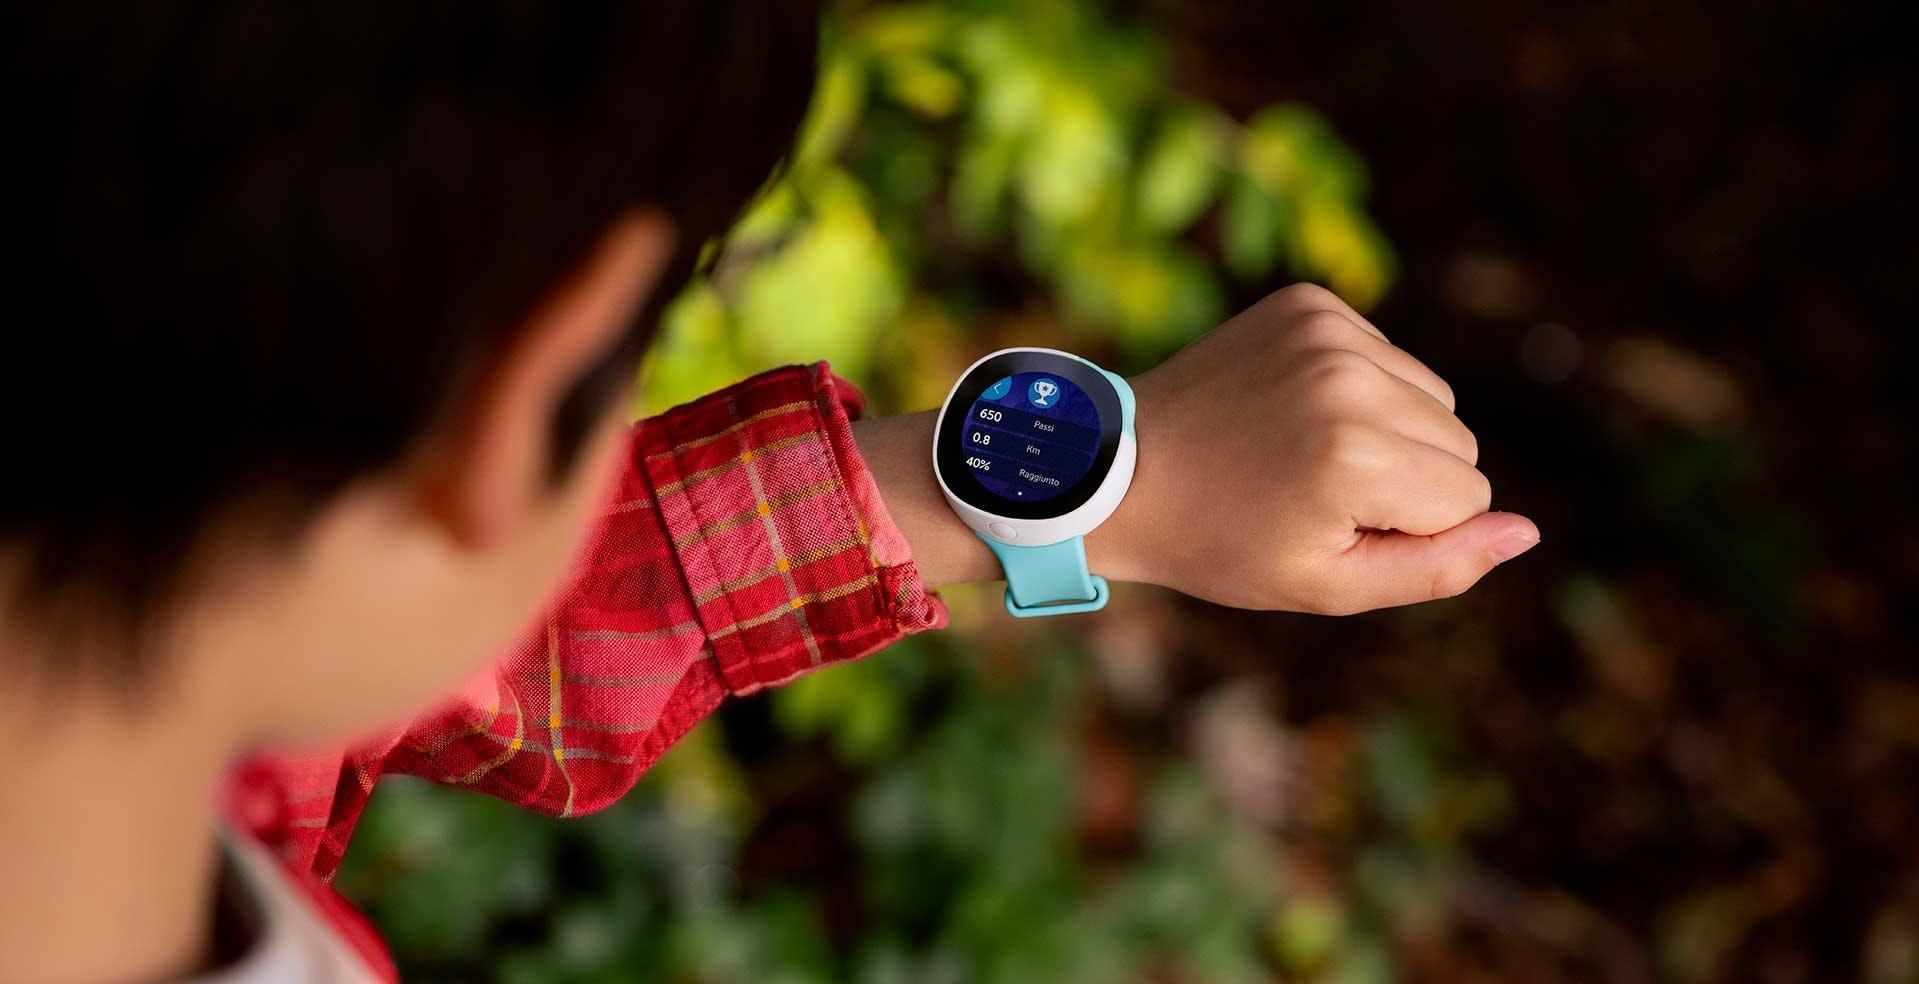 Questo è Vodafone Neo, lo smartwatch per bambini con i personaggi Disney